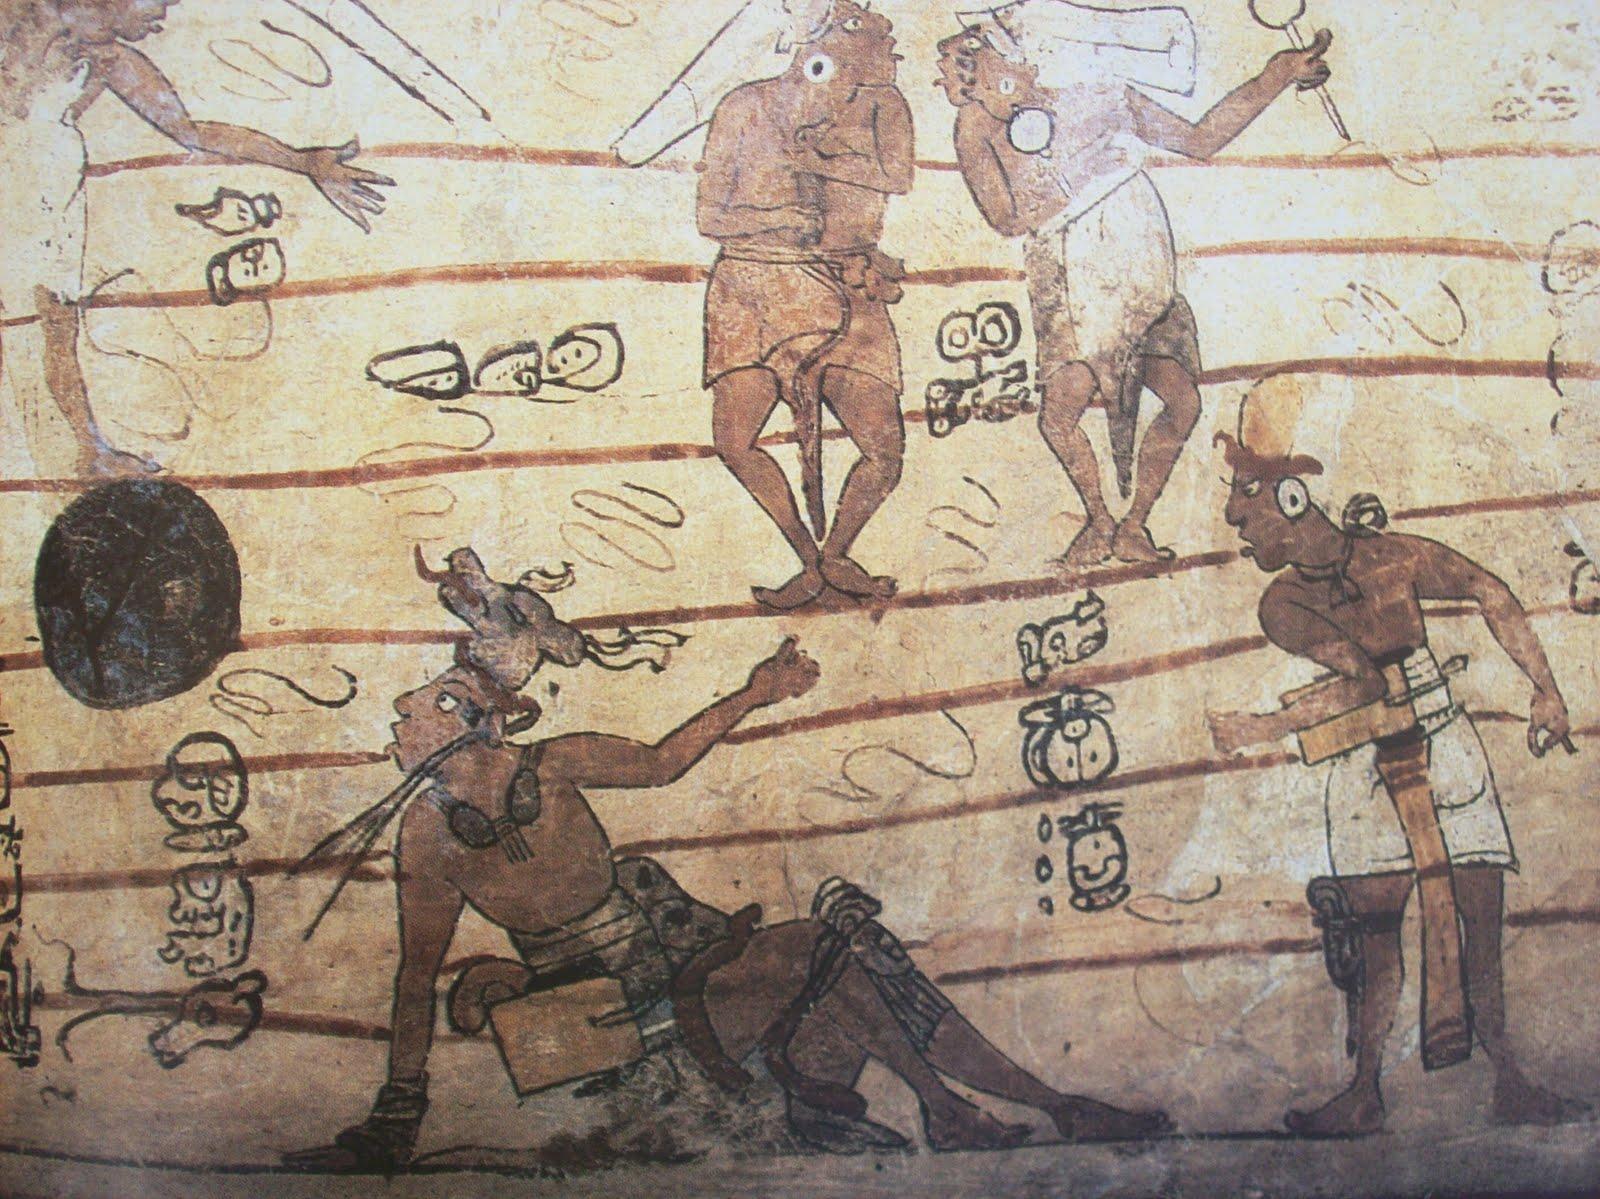 participaron en un pitz con los se ores del xibalb pero fueron derrotados y sacrificados este pasaje mitol gico lo podemos leer en el popol vuh y